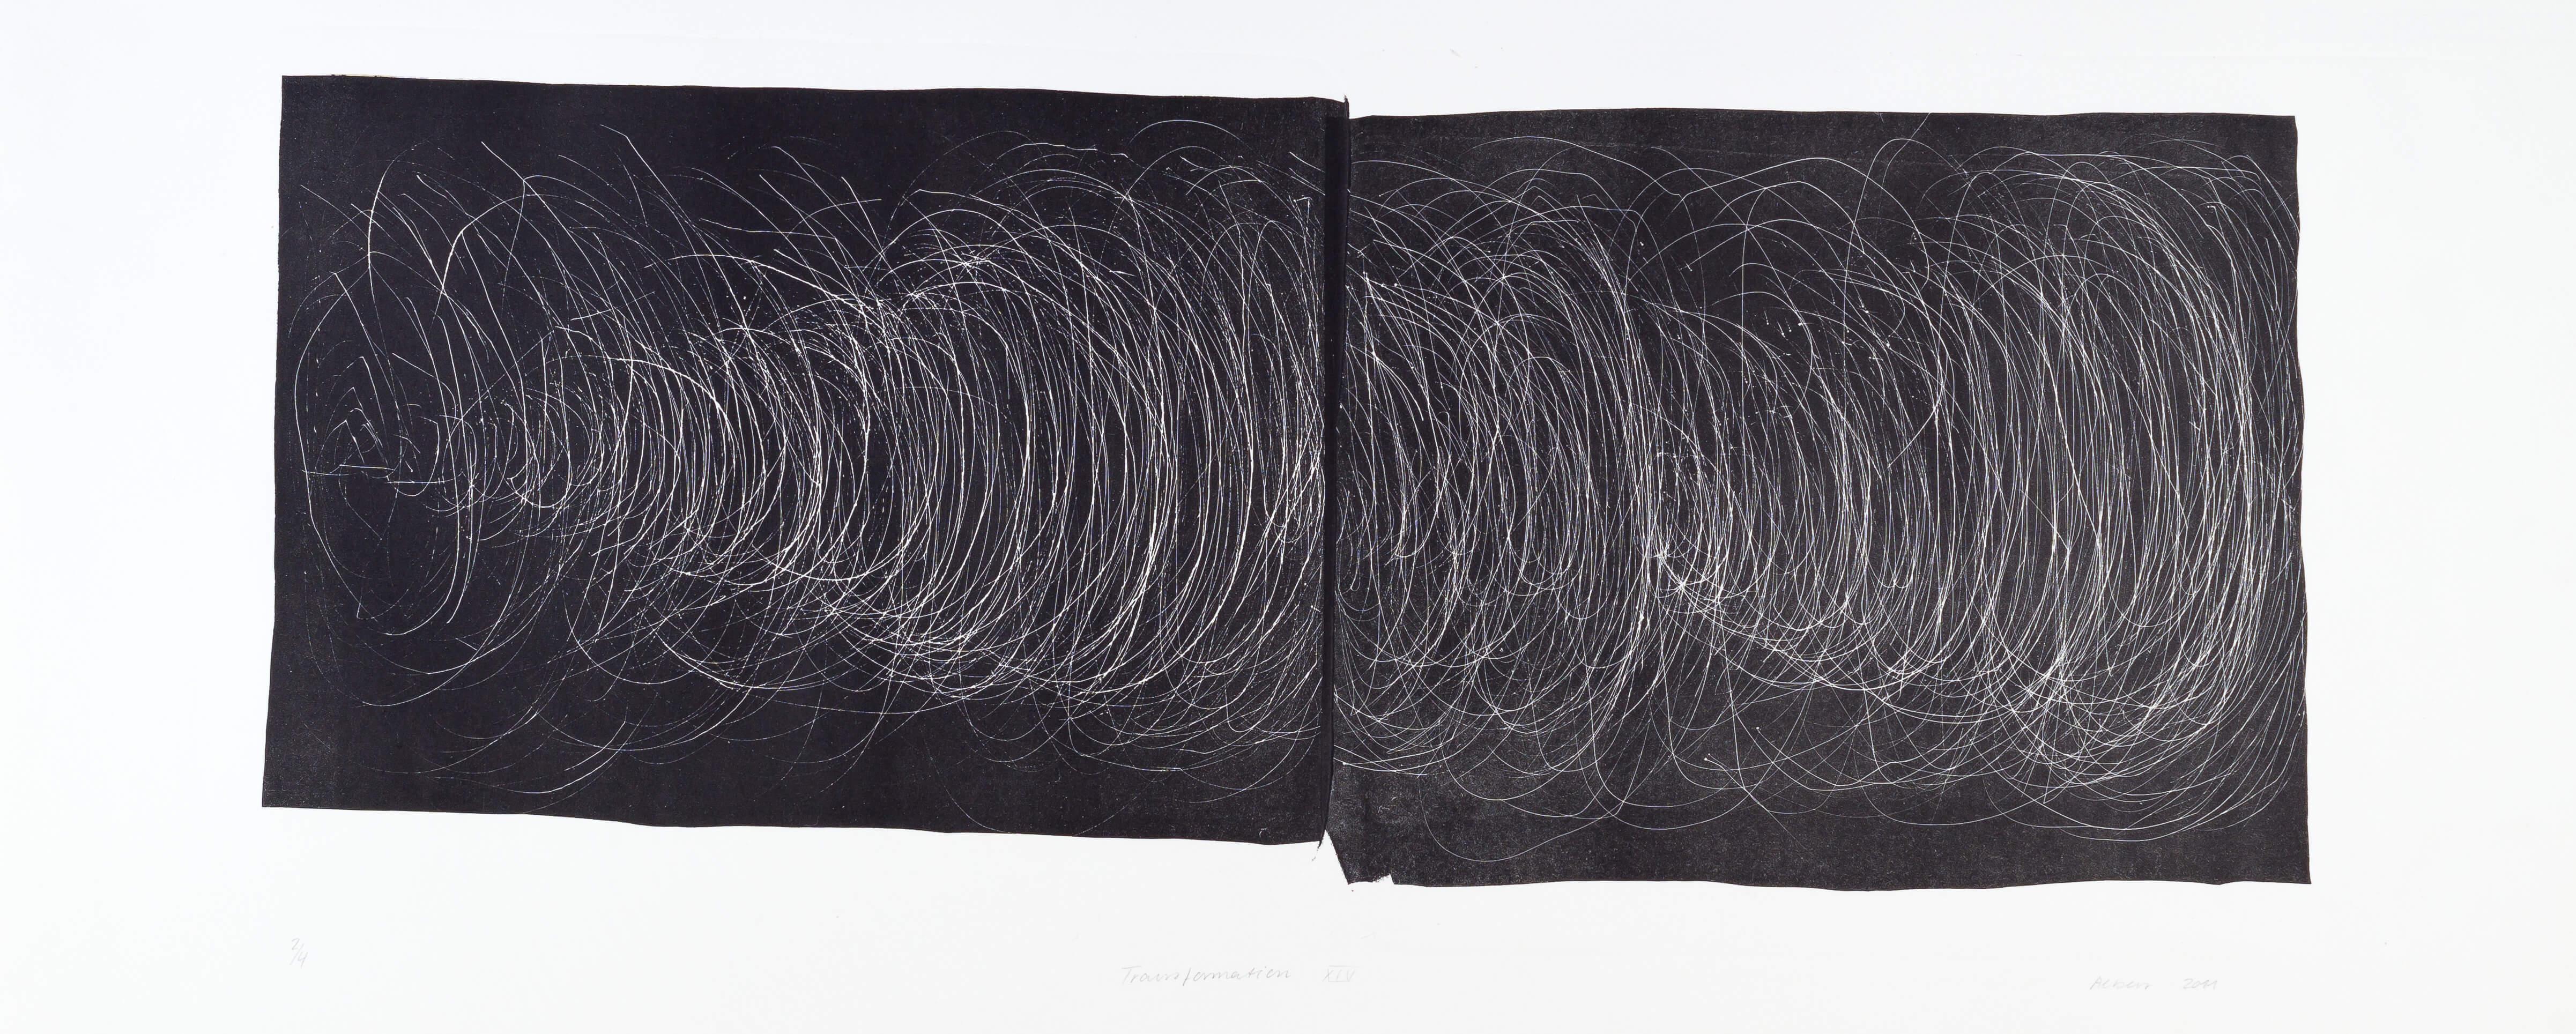 Katharina Albers, Transformation XIV, 2011, Schablithographie, 3 Auflagen, 32x77cm